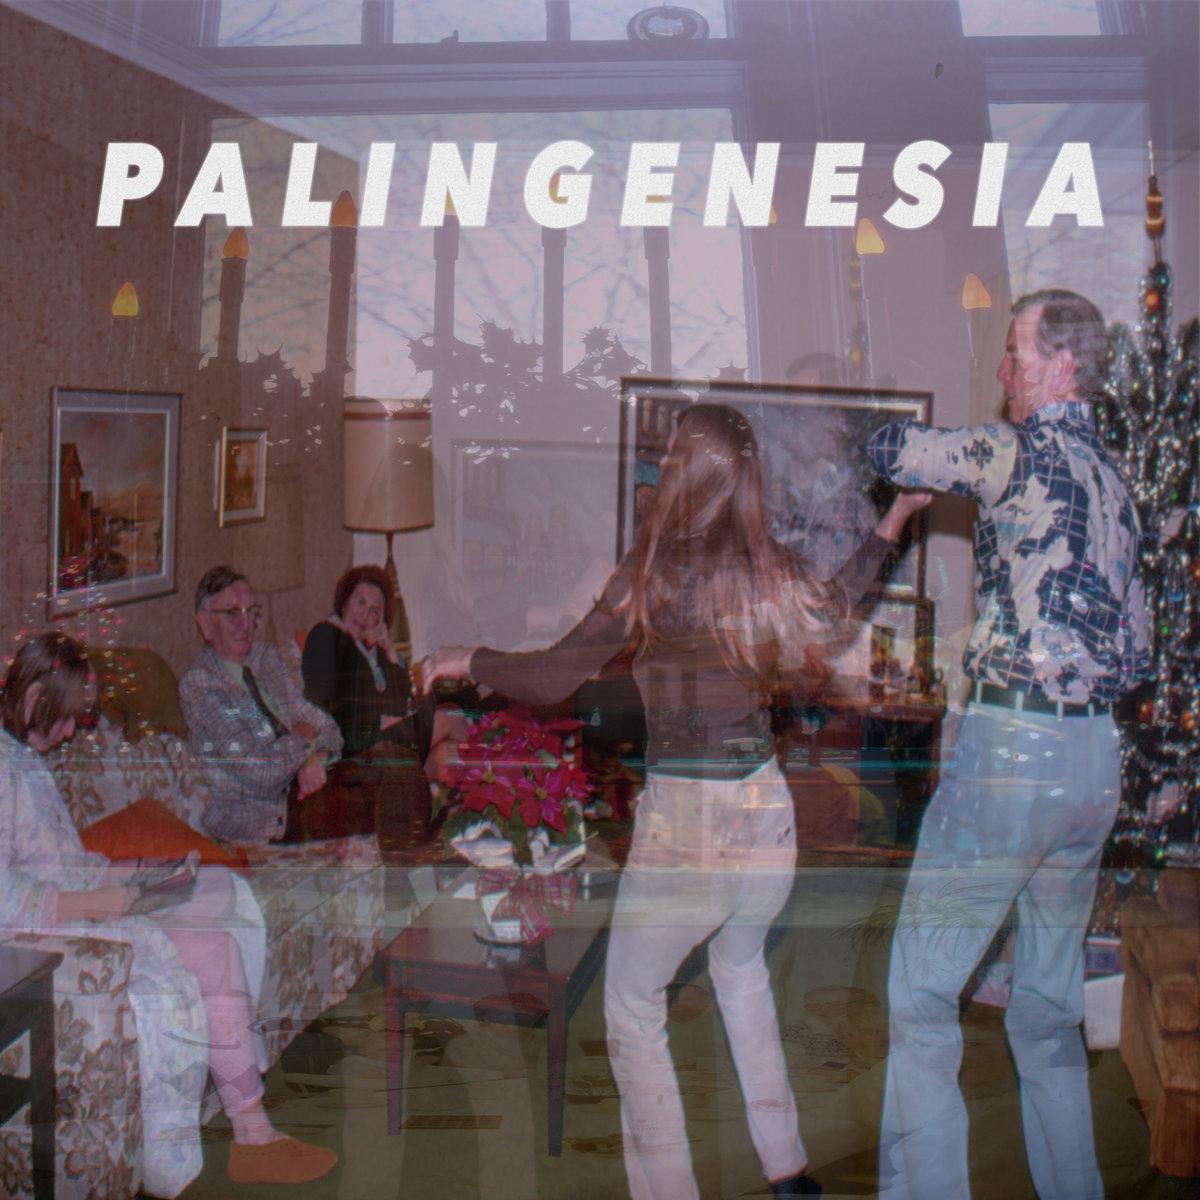 Palingenesia by JoJo Worthington